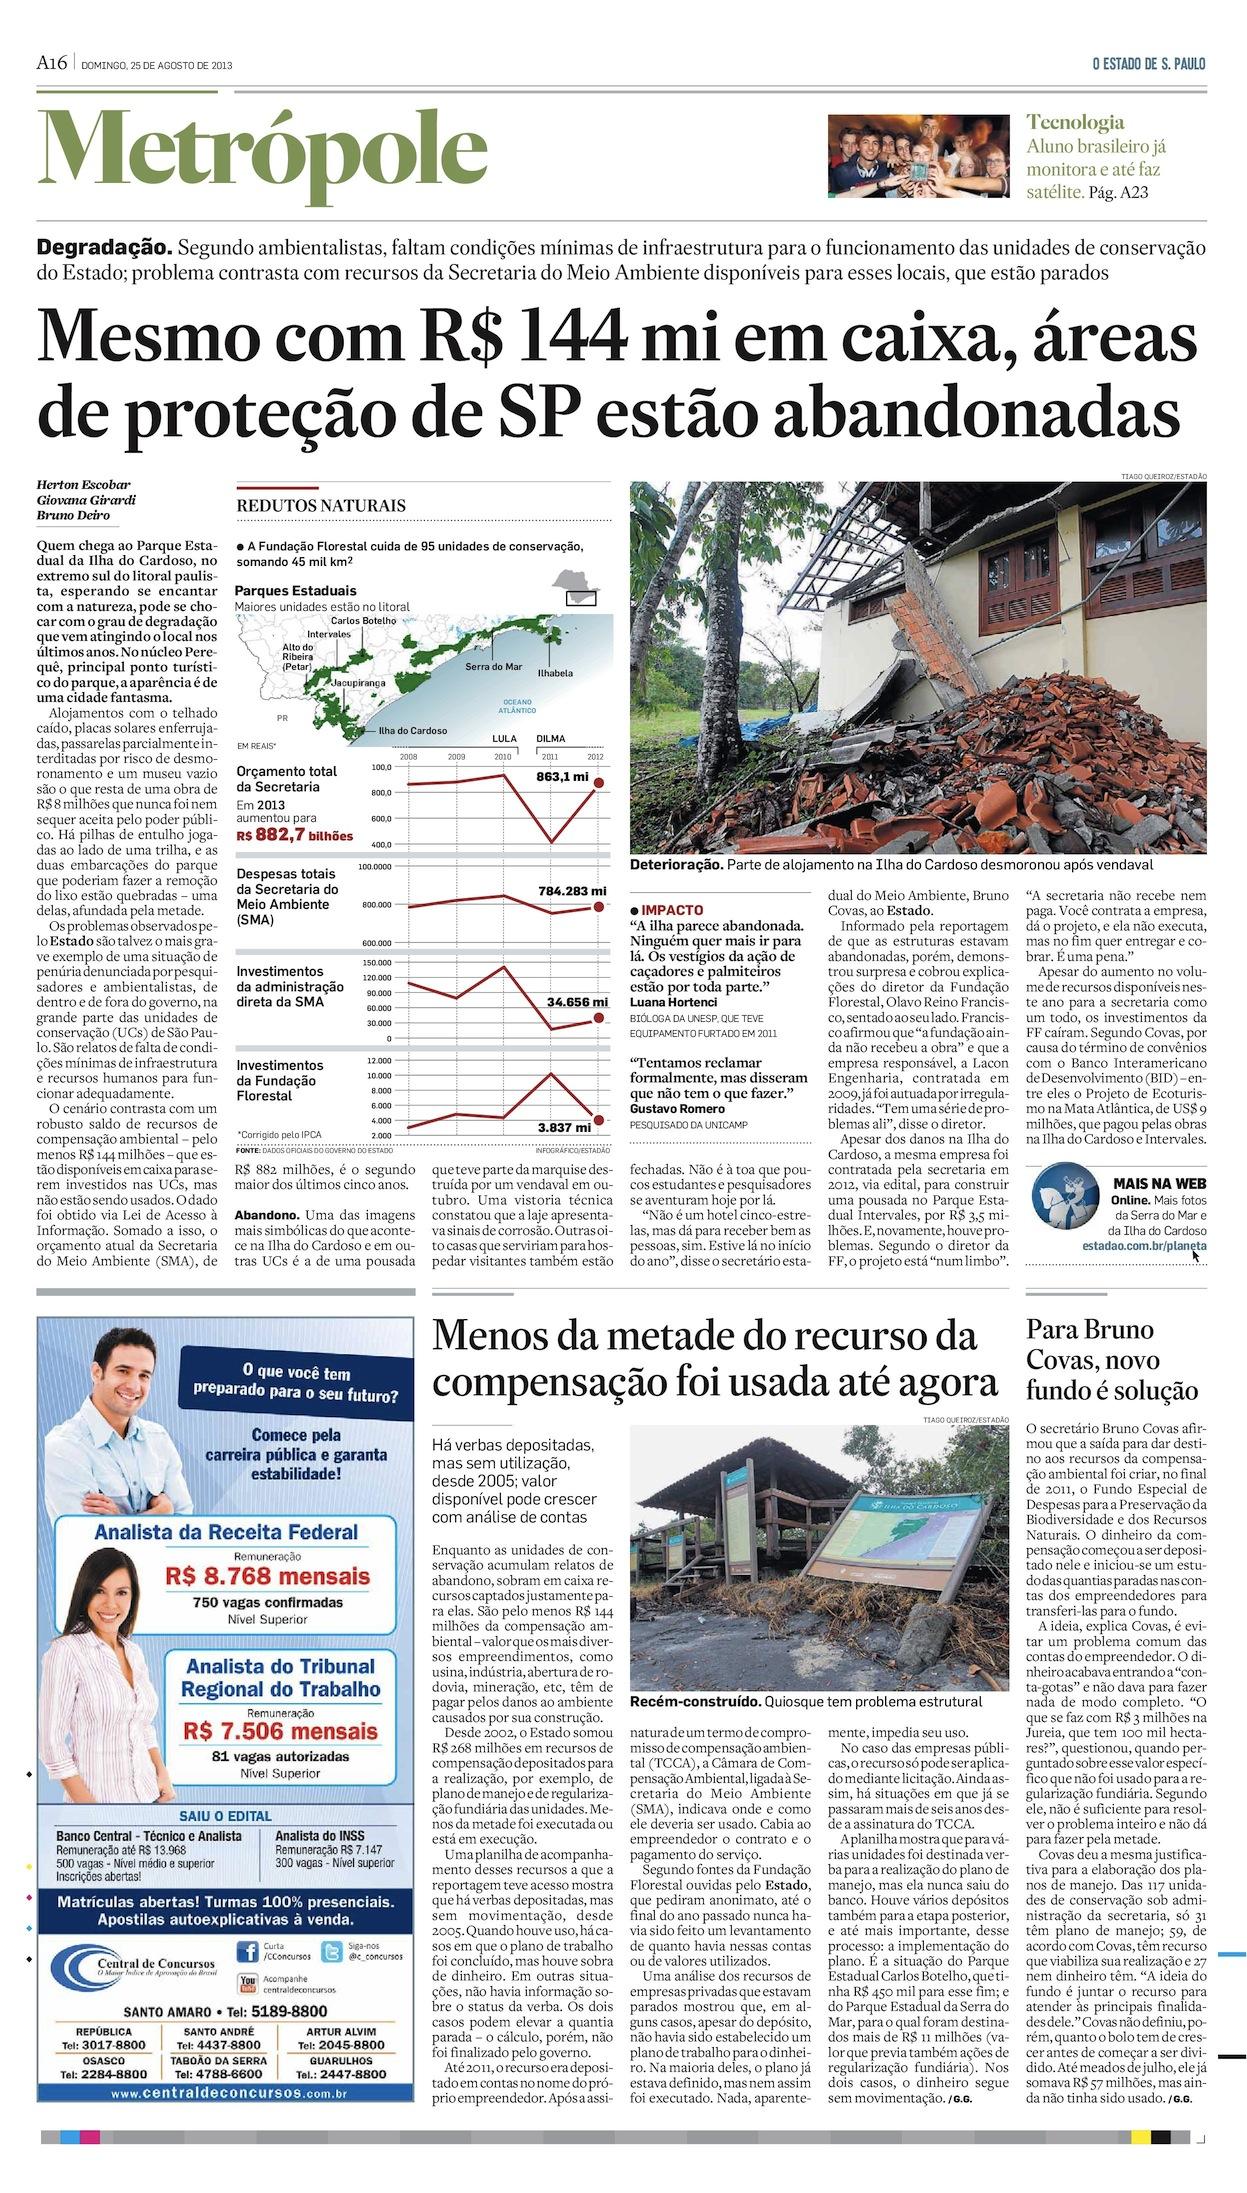 Mesmo com R$ 144 milhões em caixa, UCs de São Paulo estão abandonadas